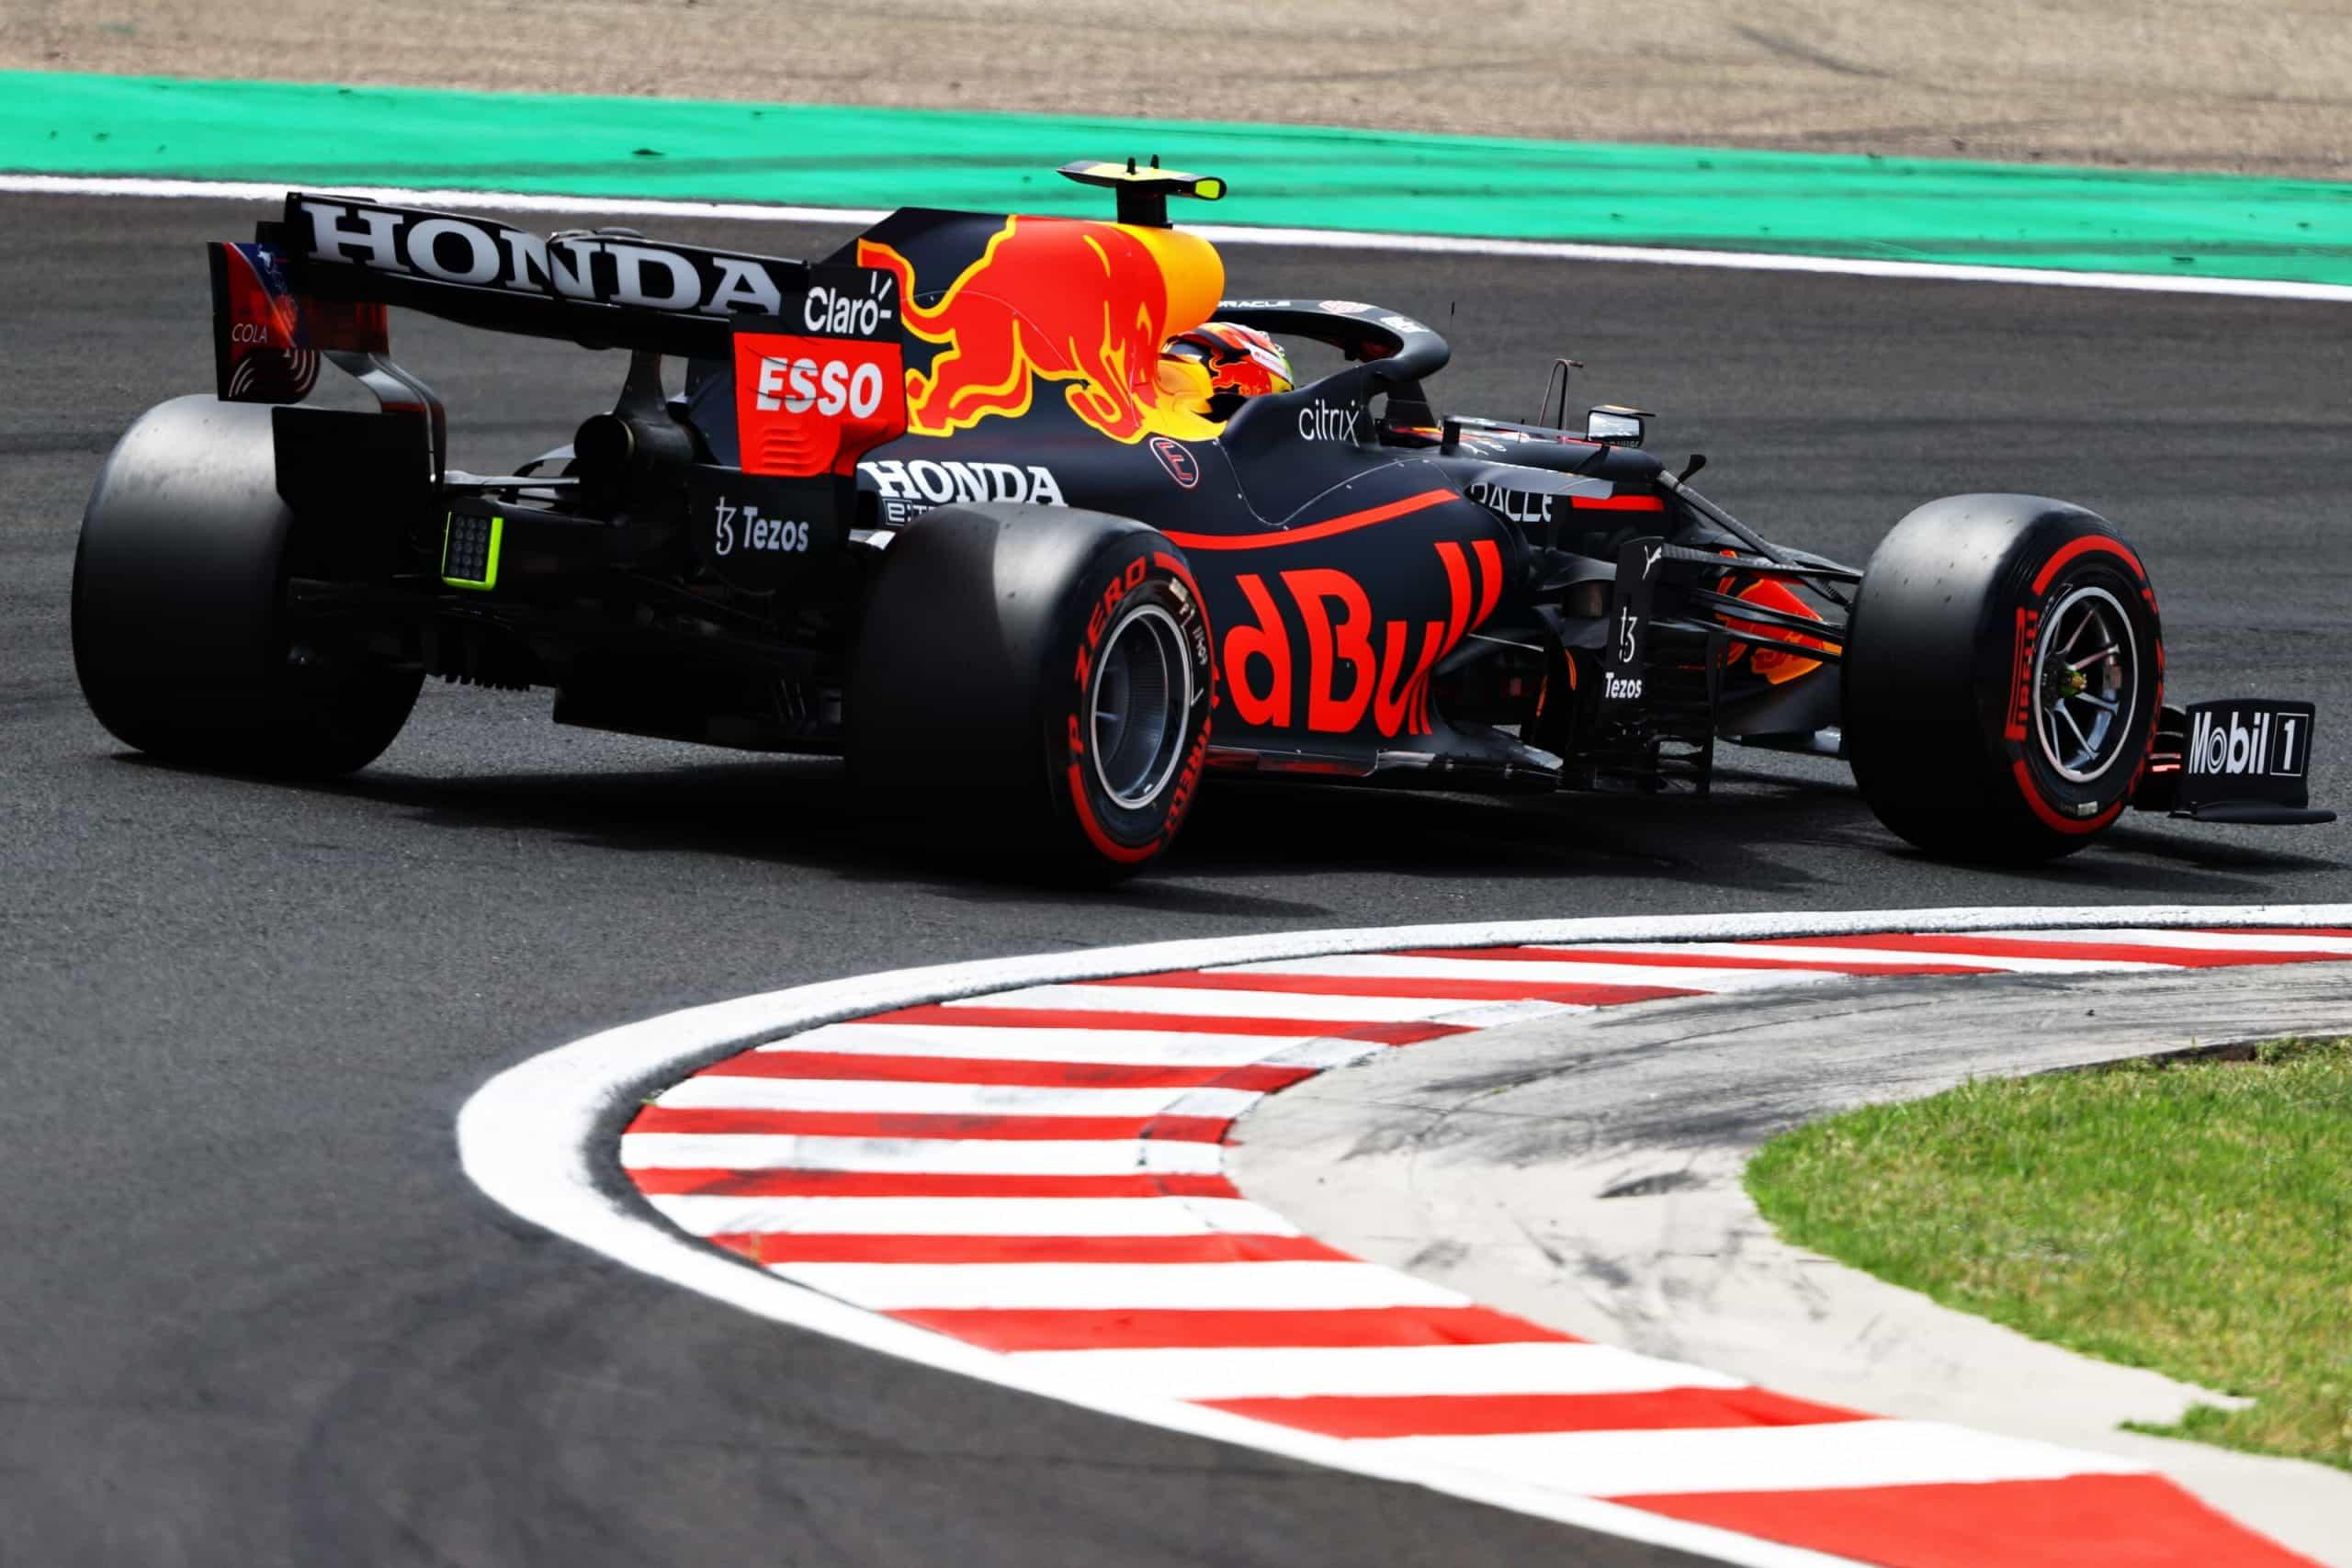 Mobil F1 Red Bull 2021 menikung dengan kecepatan tinggi.